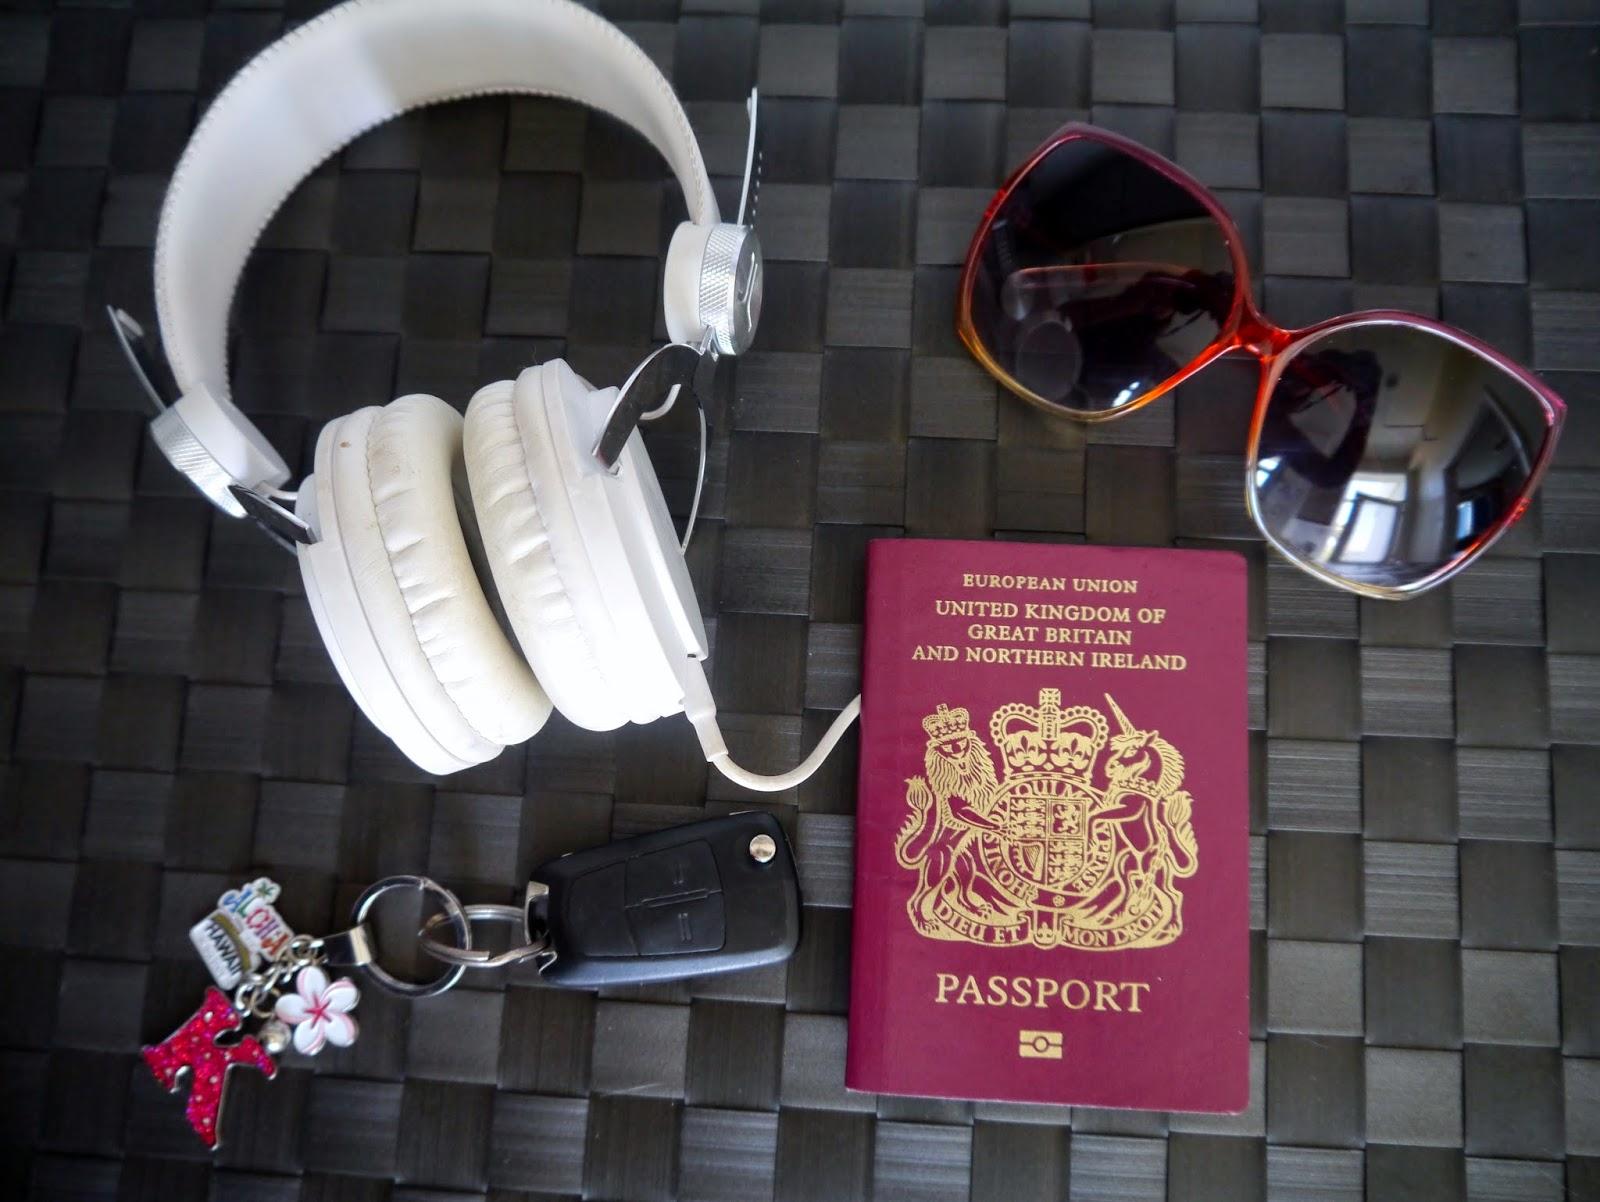 UK passport, keys and WESC headphones